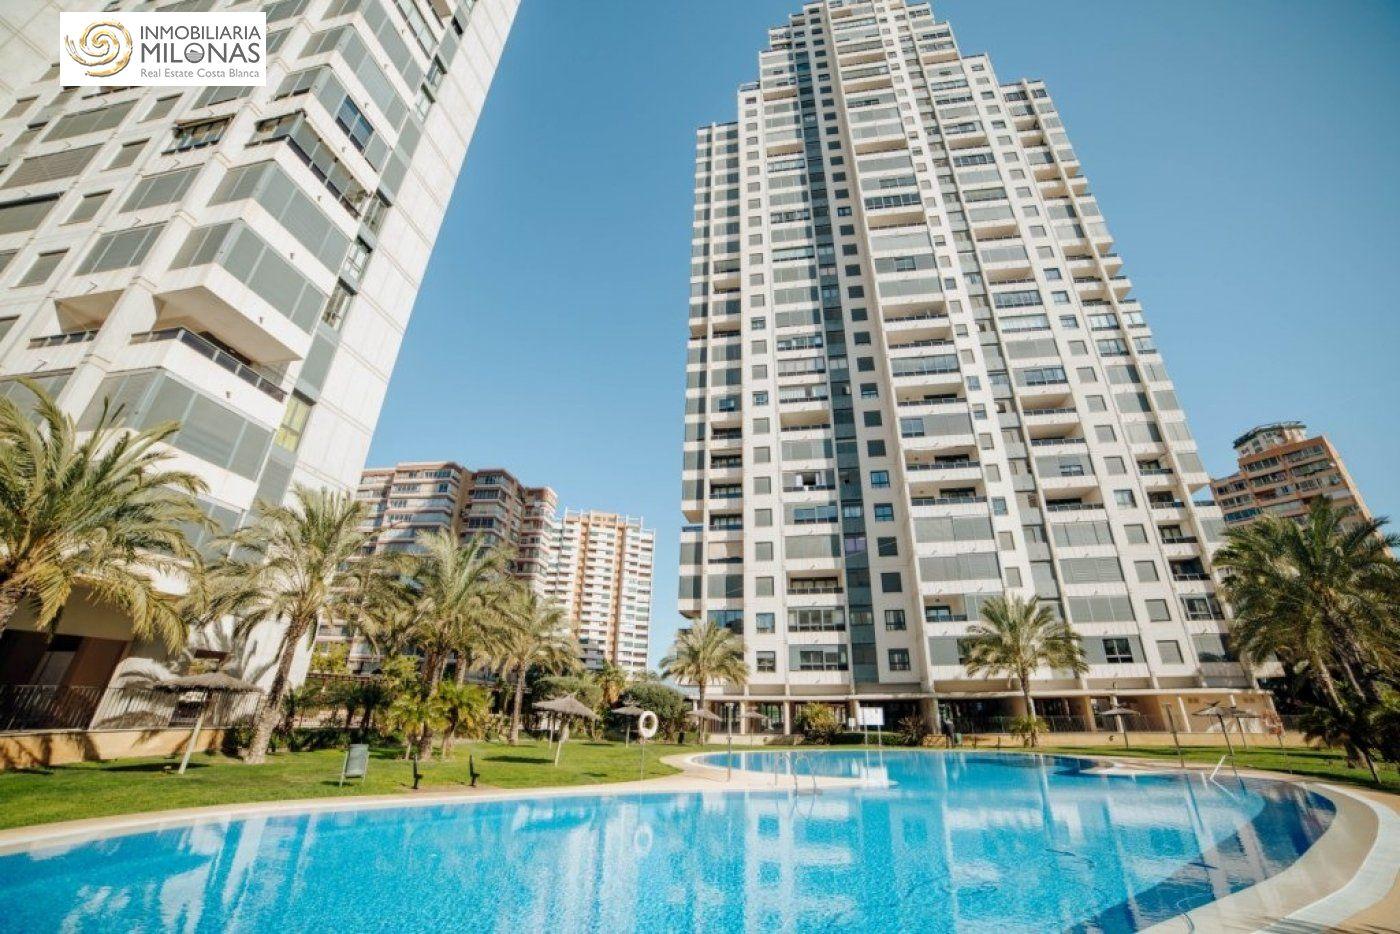 appartement en benidorm · rincon-de-loix-llano 357000€